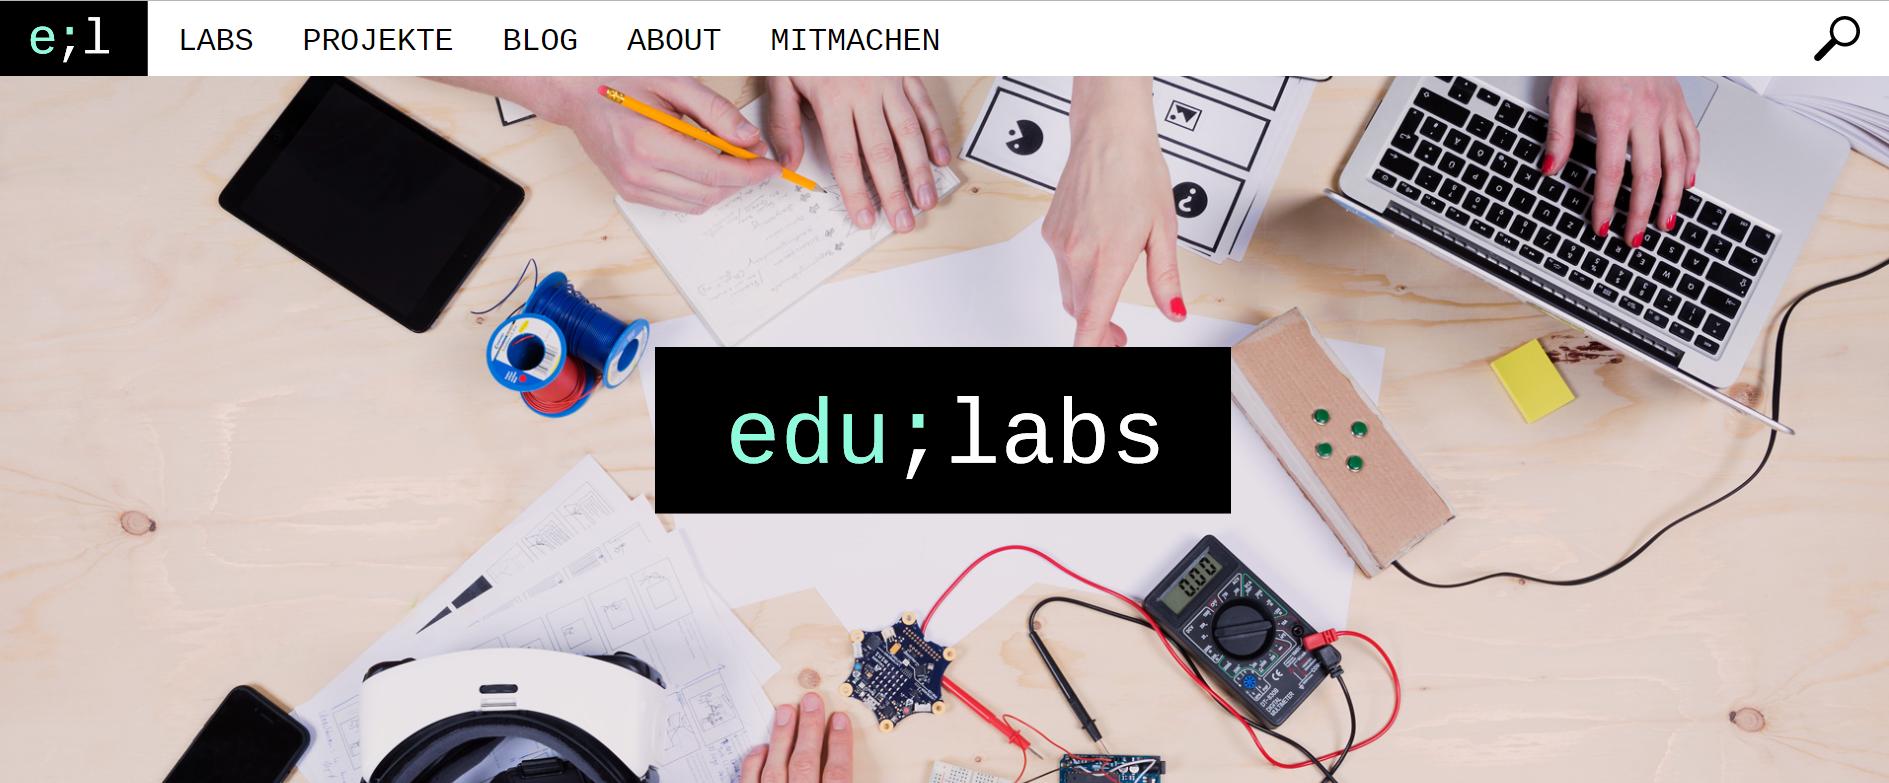 Lokal, digital, frei zugänglich – Wie das Projekt edulabs die Digitale Bildung demokratisieren will